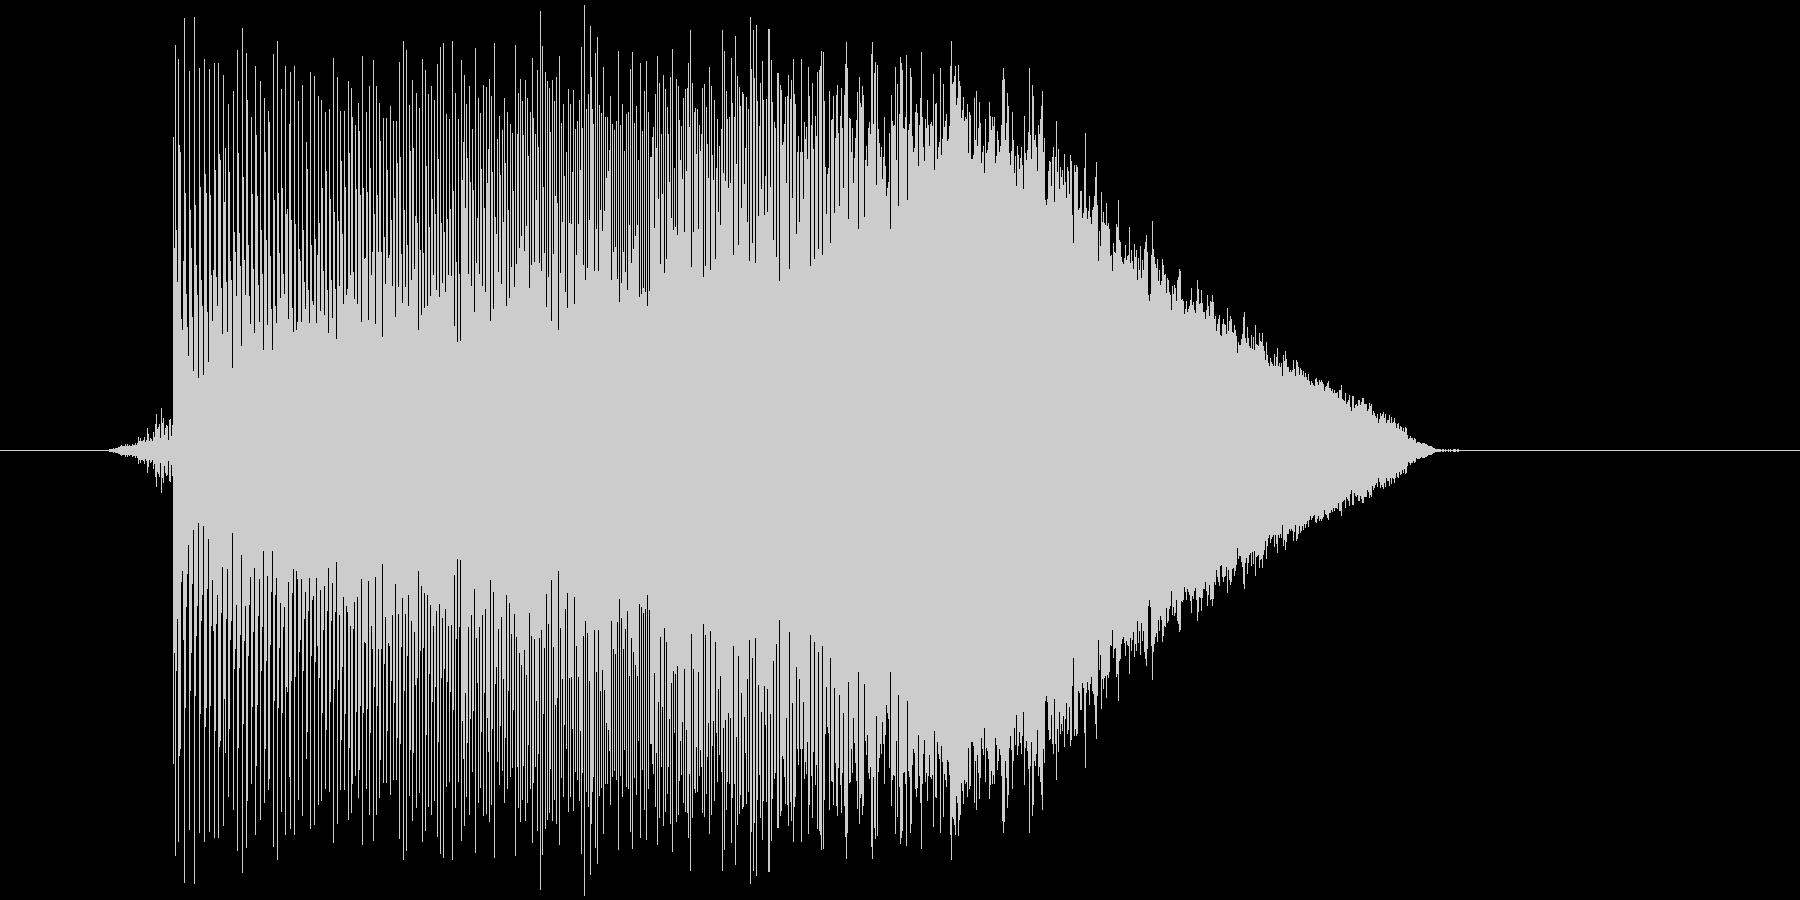 ゲーム(ファミコン風)ジャンプ音_026の未再生の波形